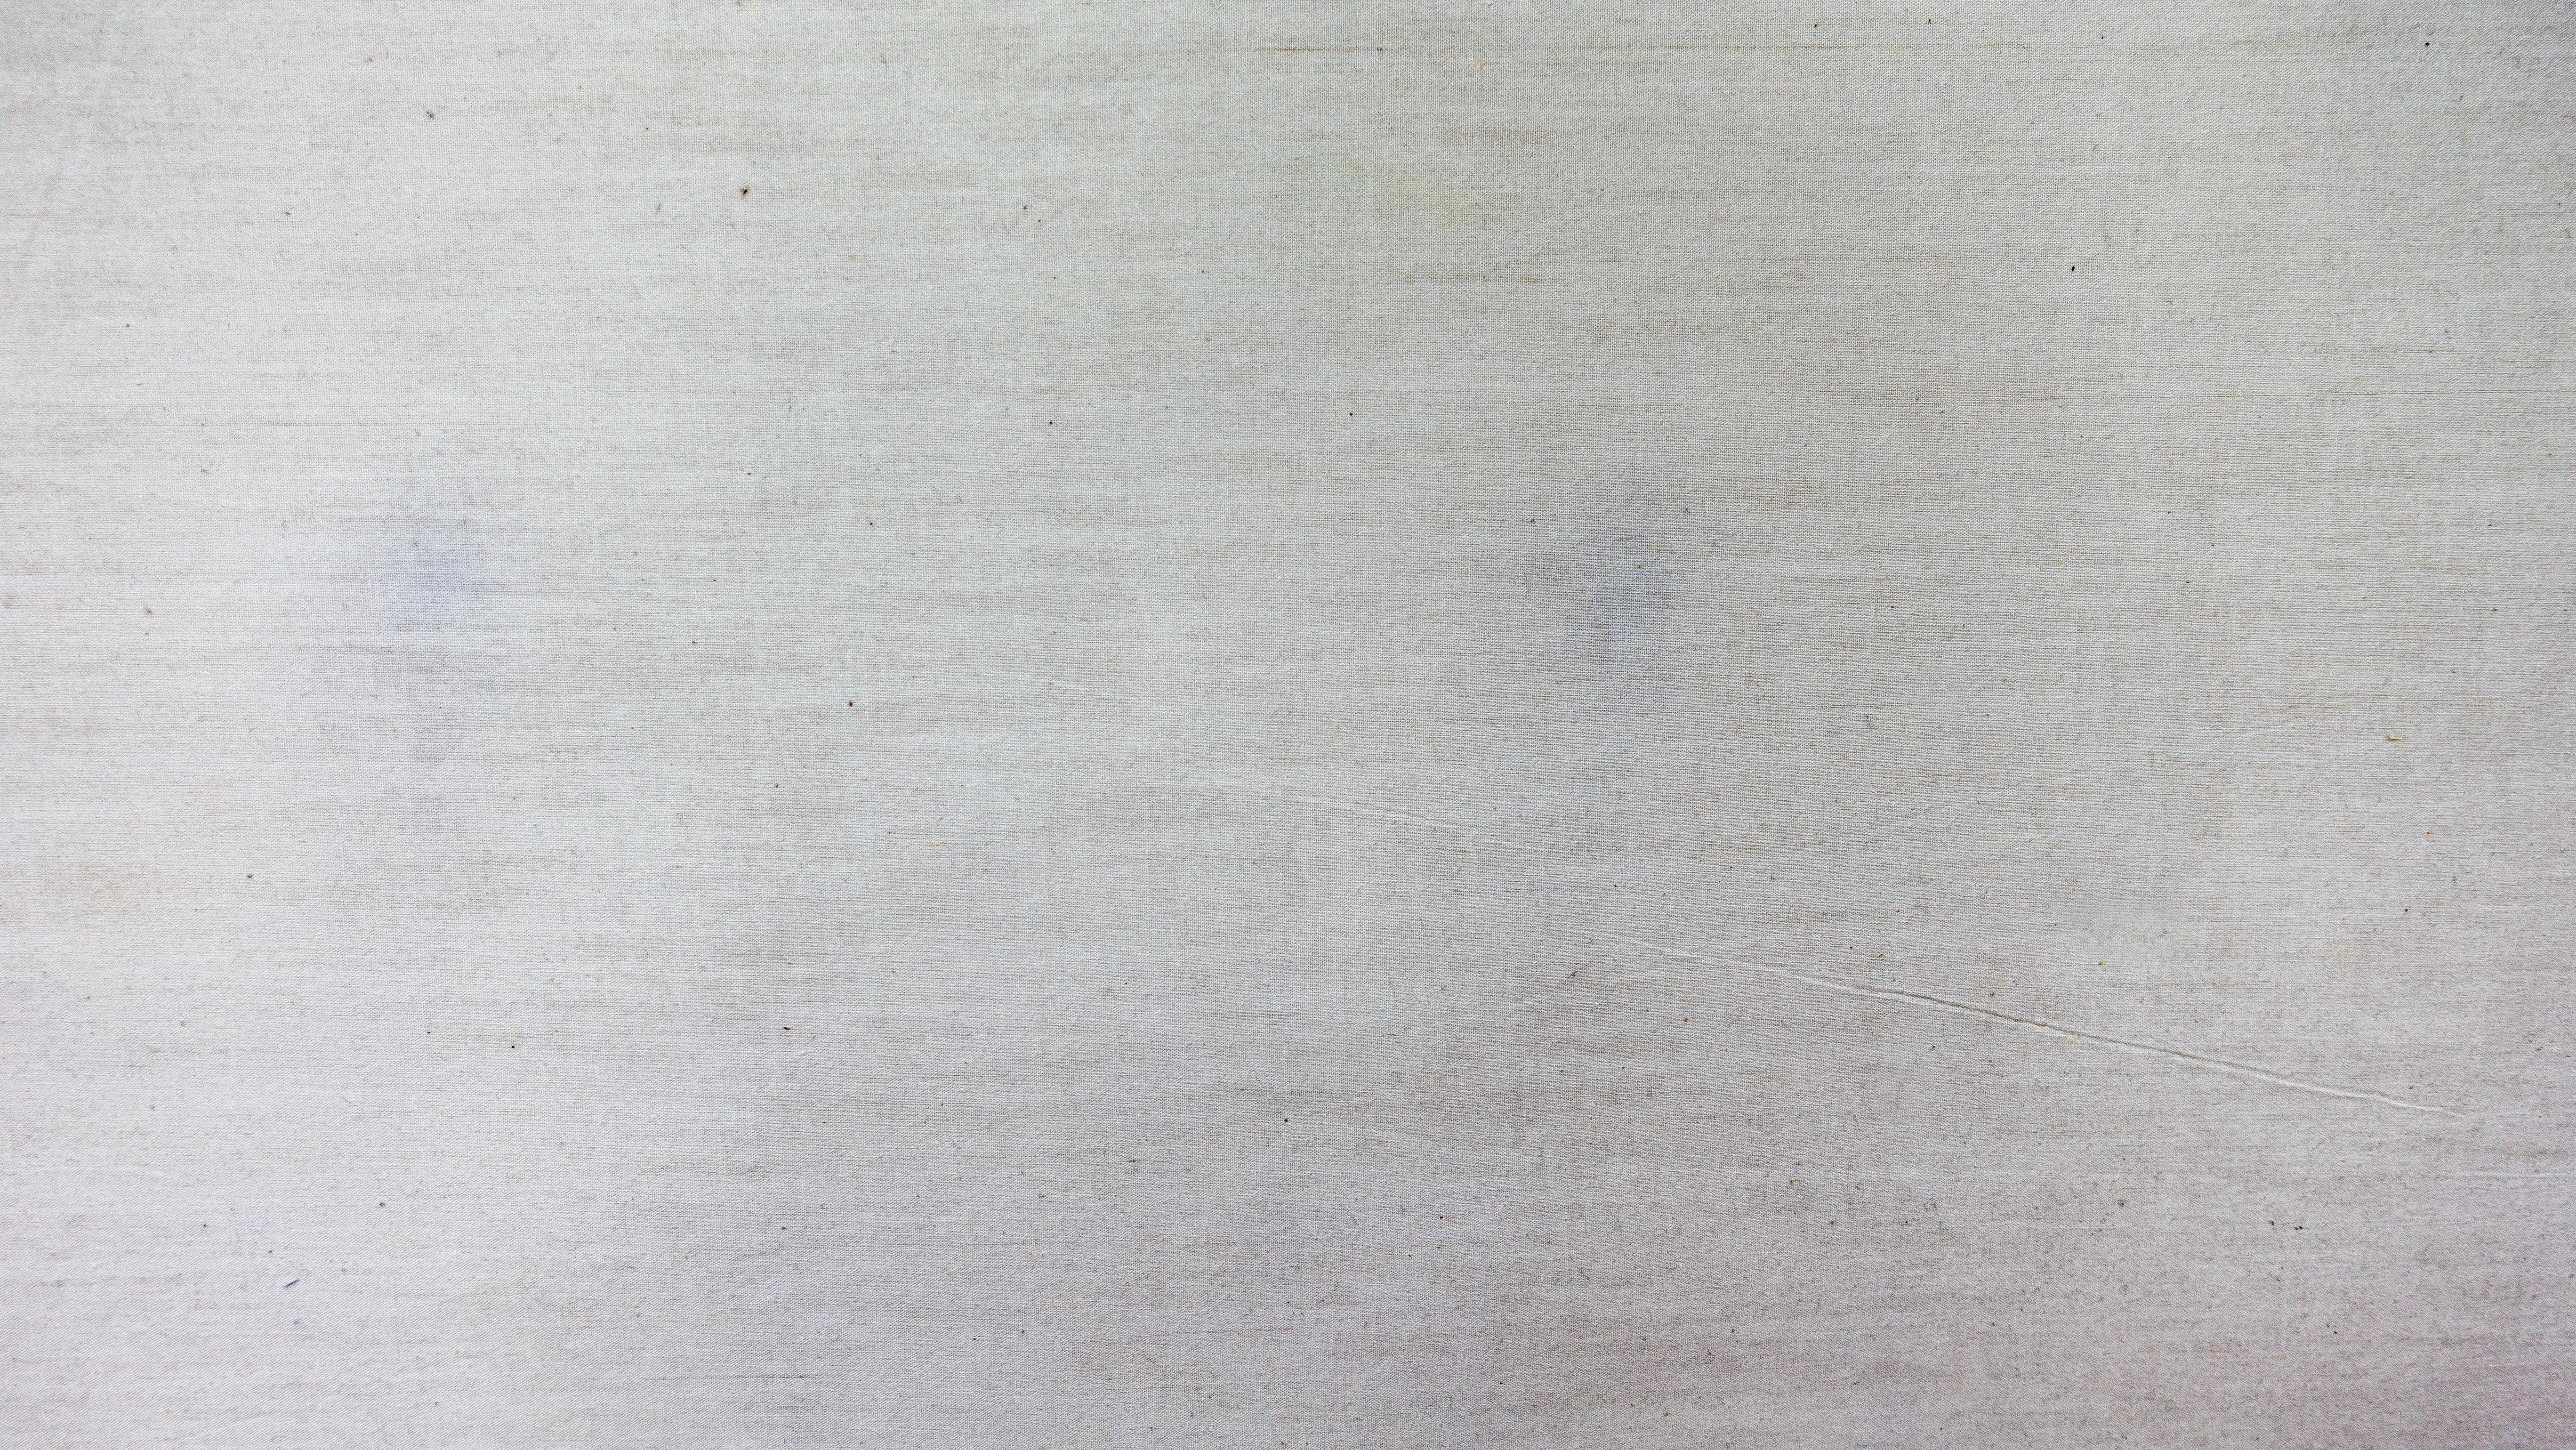 Download 87 Background Putih Bersih HD Terbaik